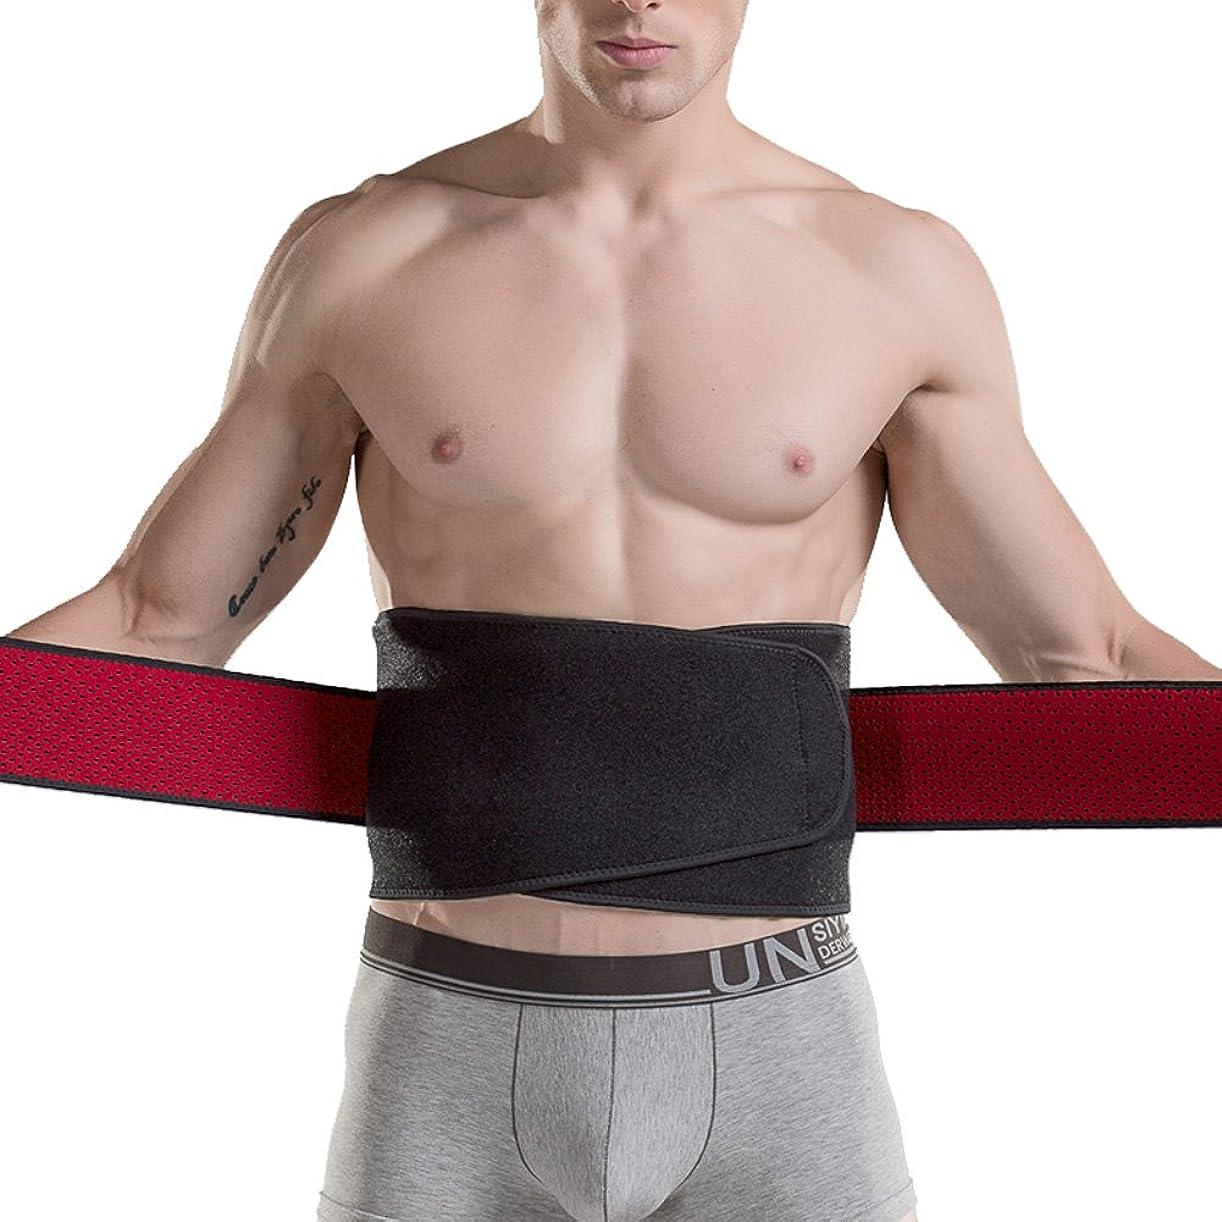 節約する骨折香港[RSWHYY] メンズ ウエストサポーター 二重加圧 腹巻 調節可 ケガ防止 腰痛緩和 ジム フィットネス